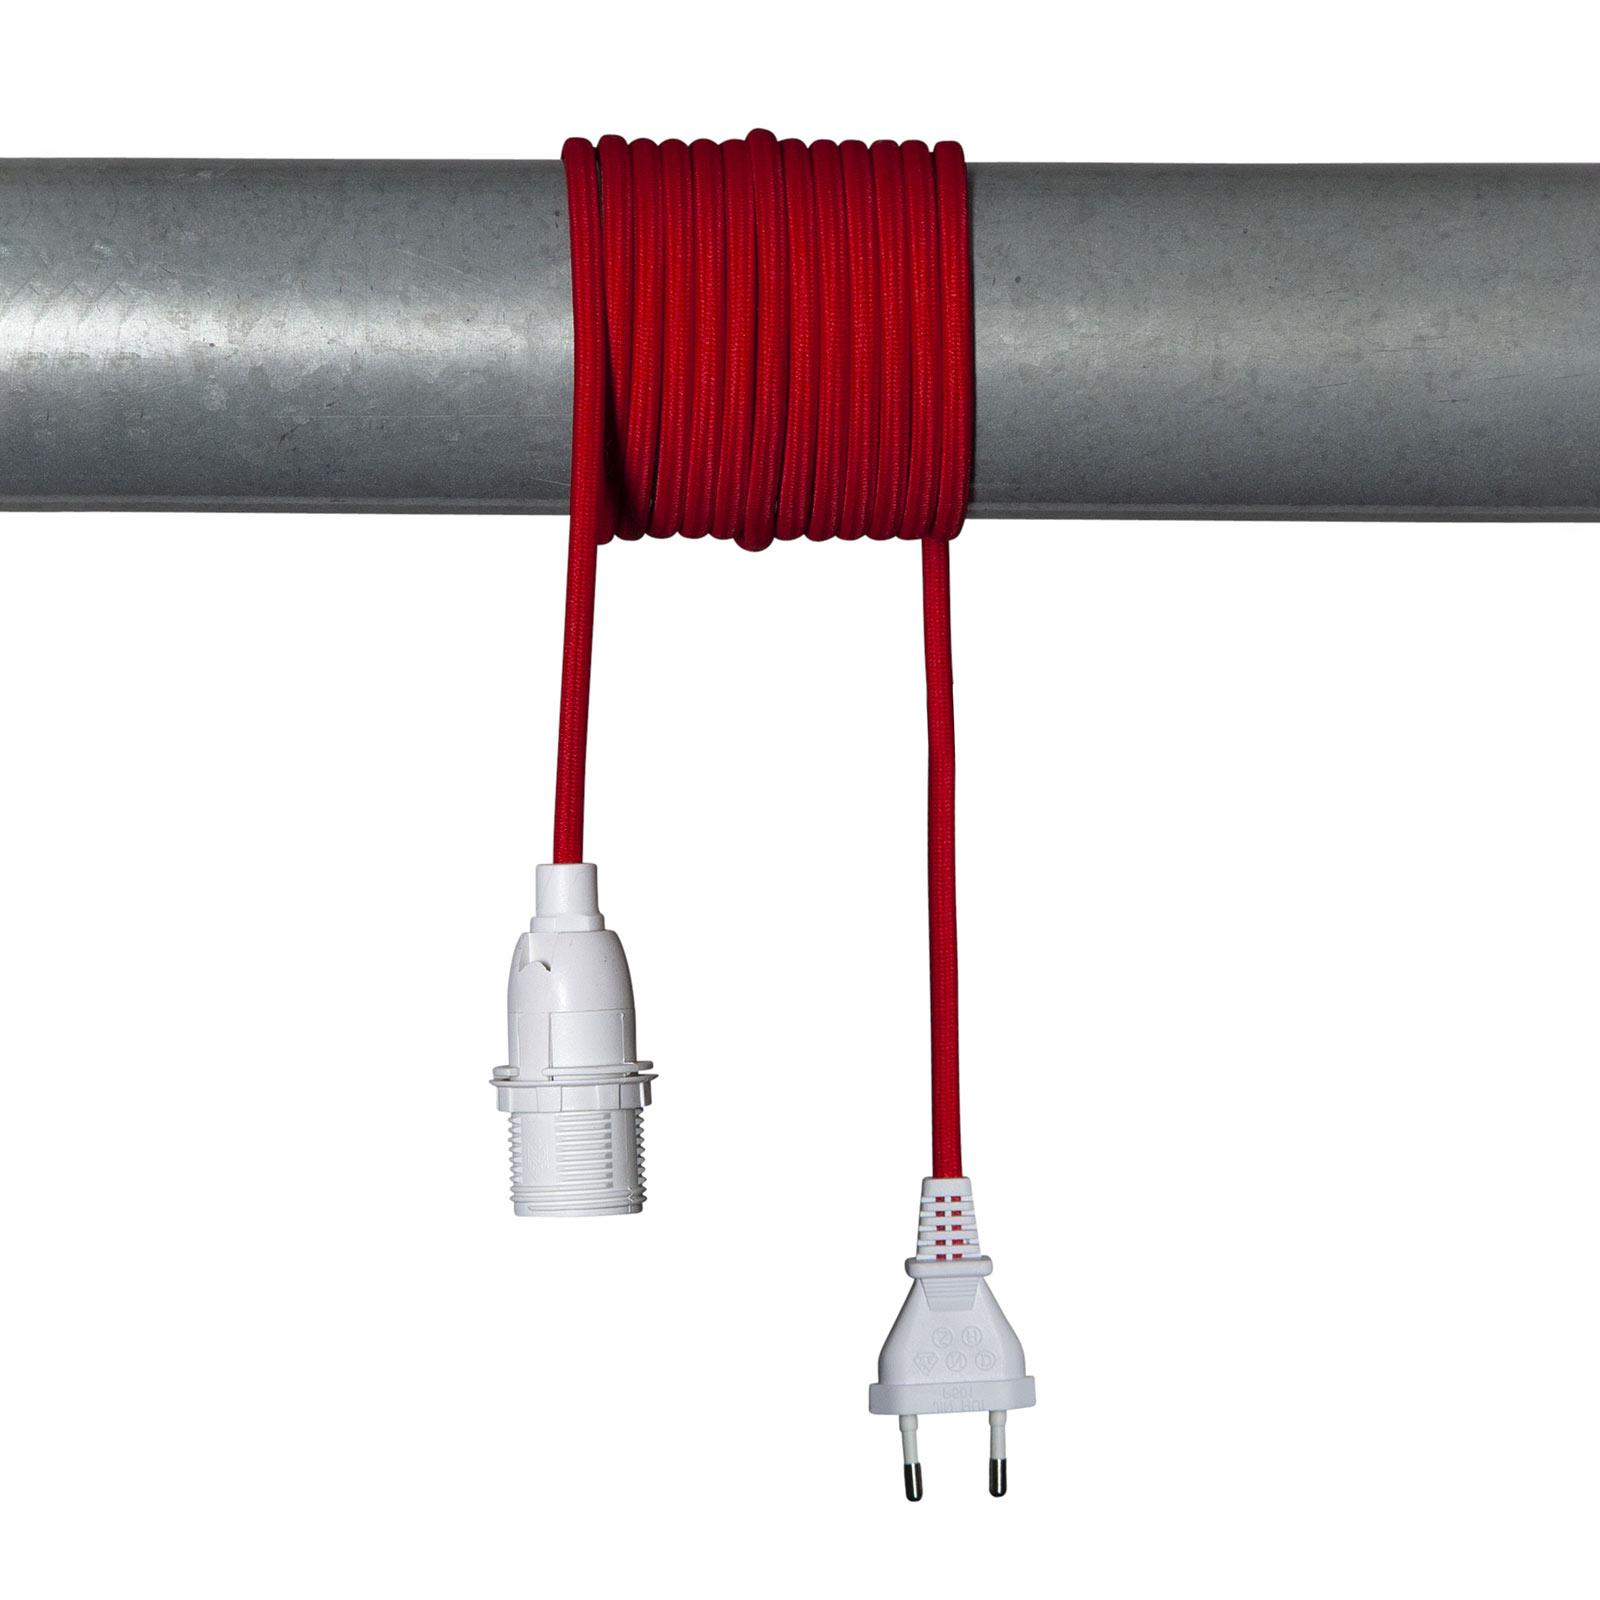 E14-Fassung Lacy mit Kabel, rot und weiß